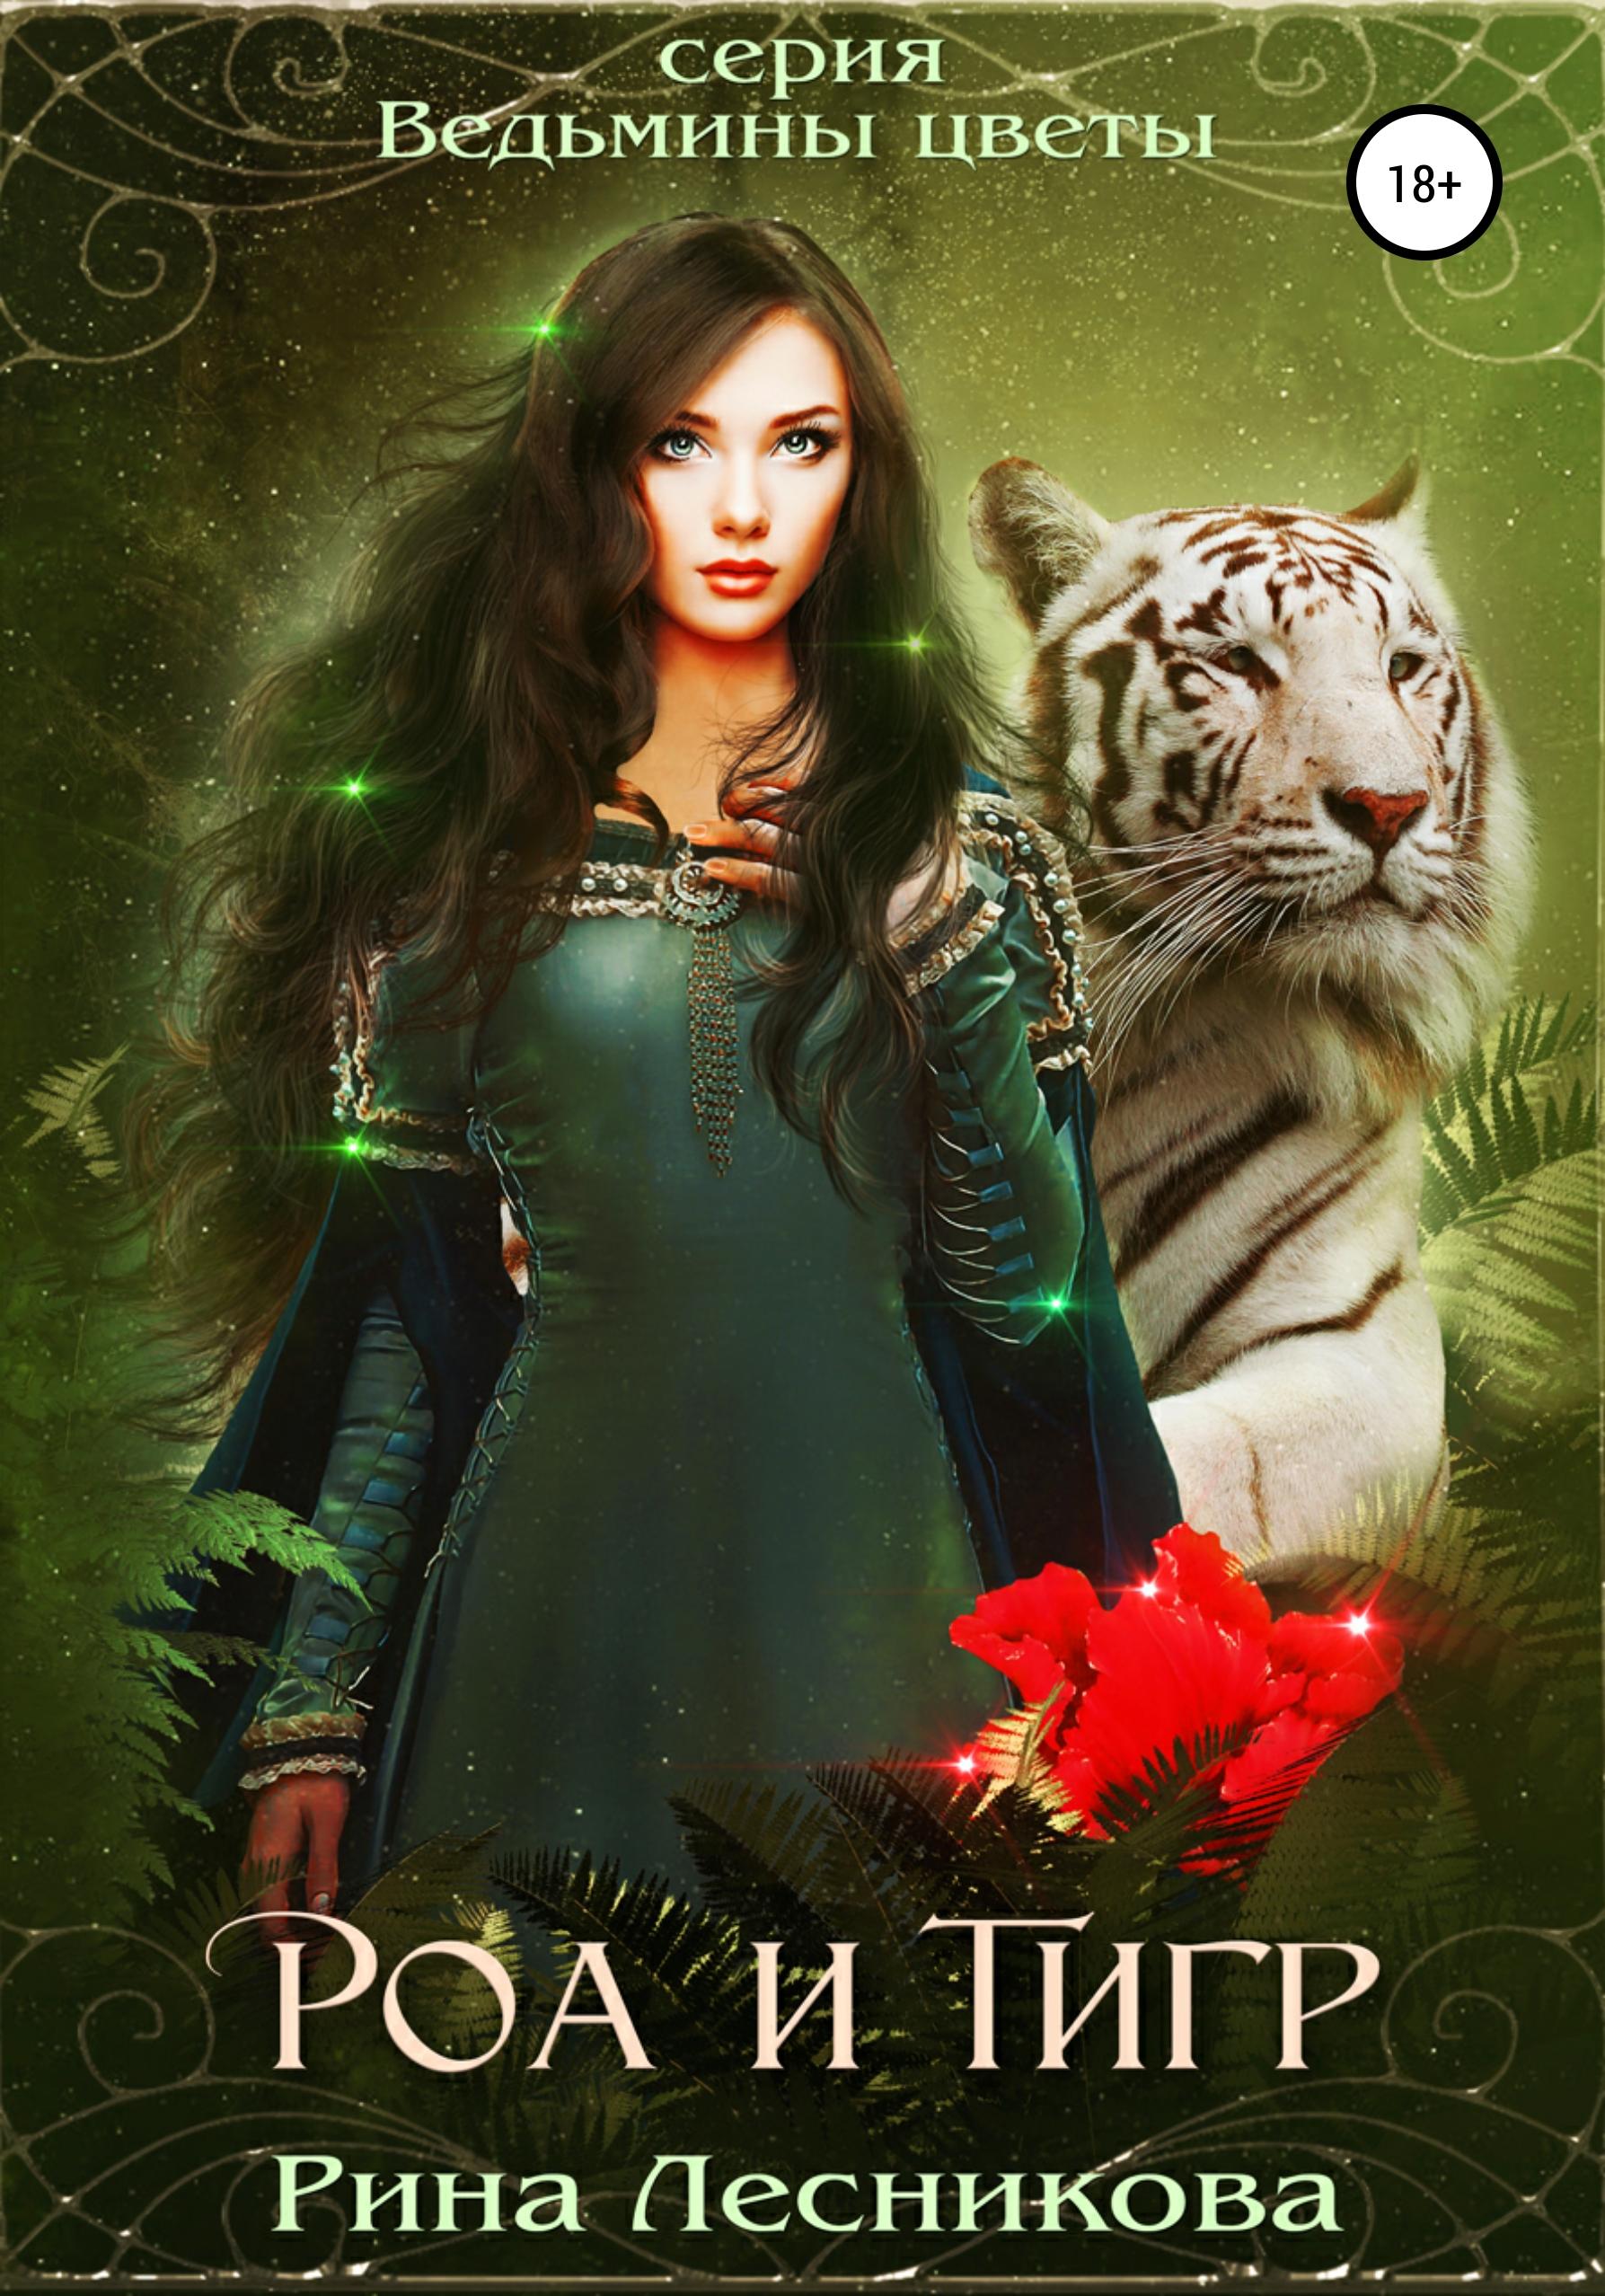 Рина Лесникова / Роа и тигр